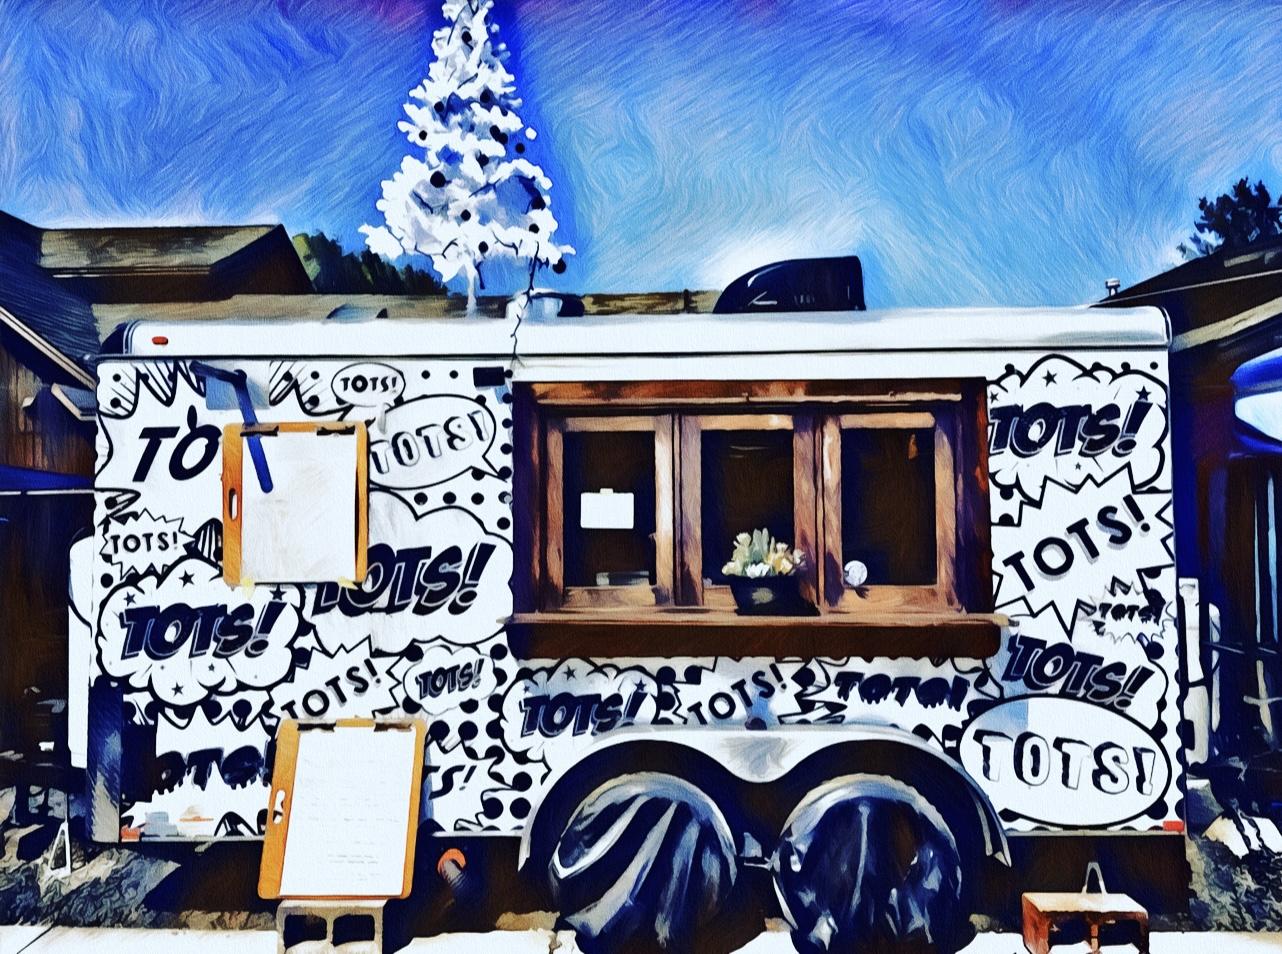 Feelin' Tots, Tots, Tots - TOTS! The Bend, Oregon Food Truck Serving Spherical Scrumptiousness Culinary Treasure Network